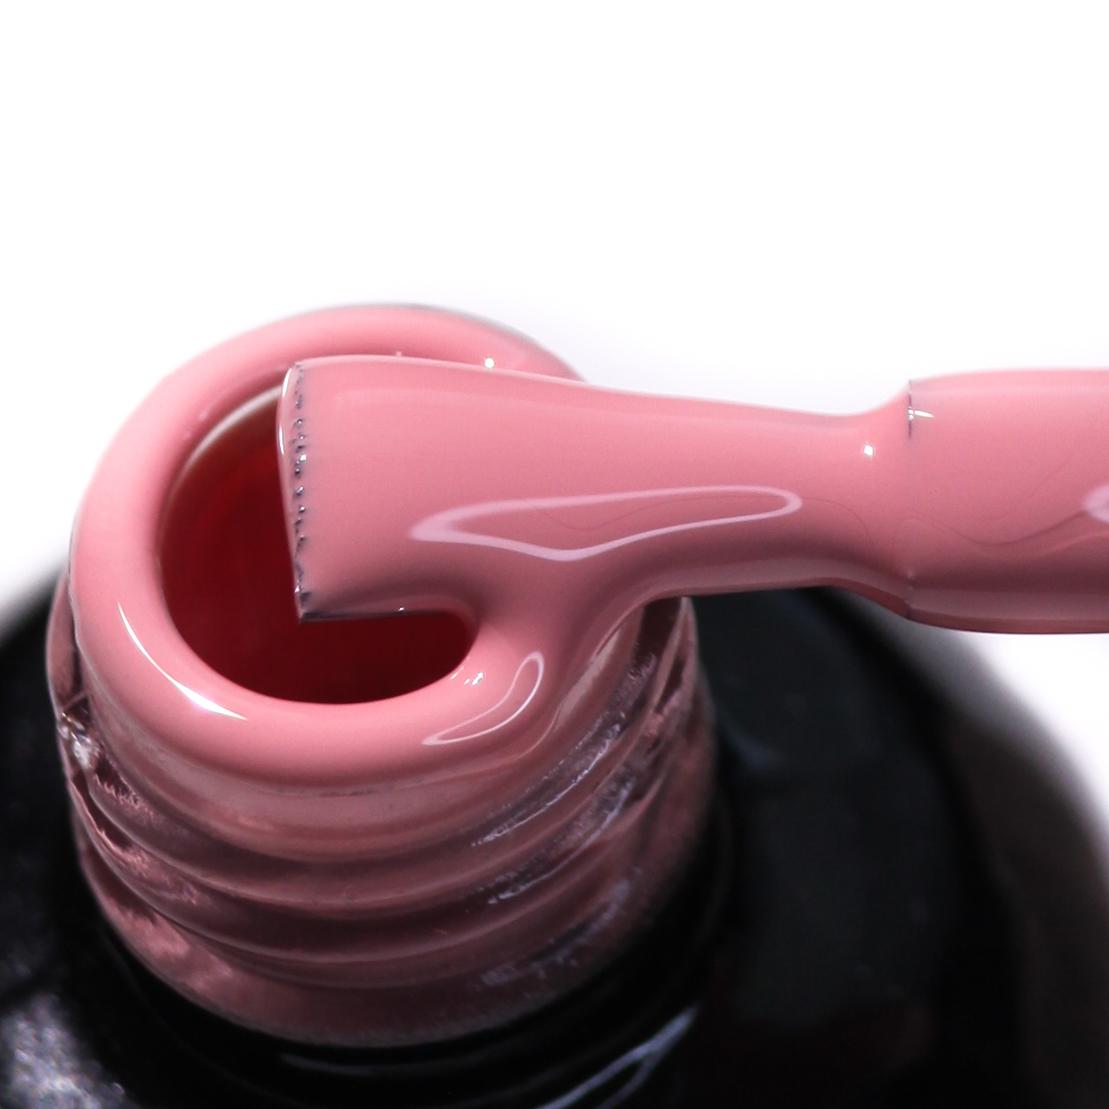 0011 Гель-лак с липким слоем 11мл Cosmake Розовый-Бежевый